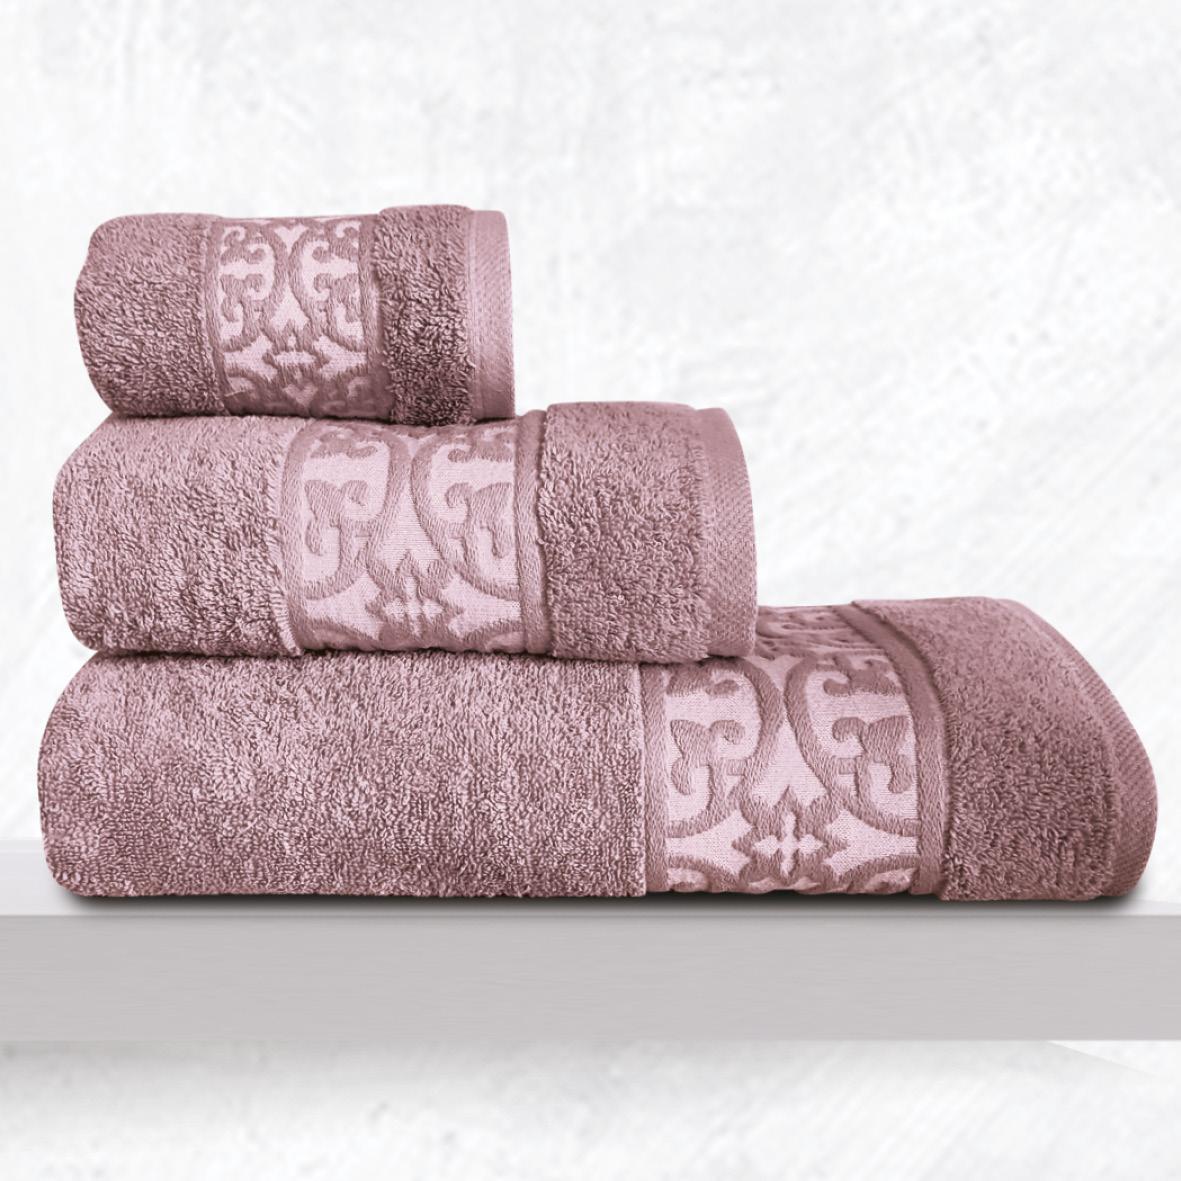 Πετσέτες Μπάνιου (Σετ 3 Τμχ) Sb Home Zenith Violet